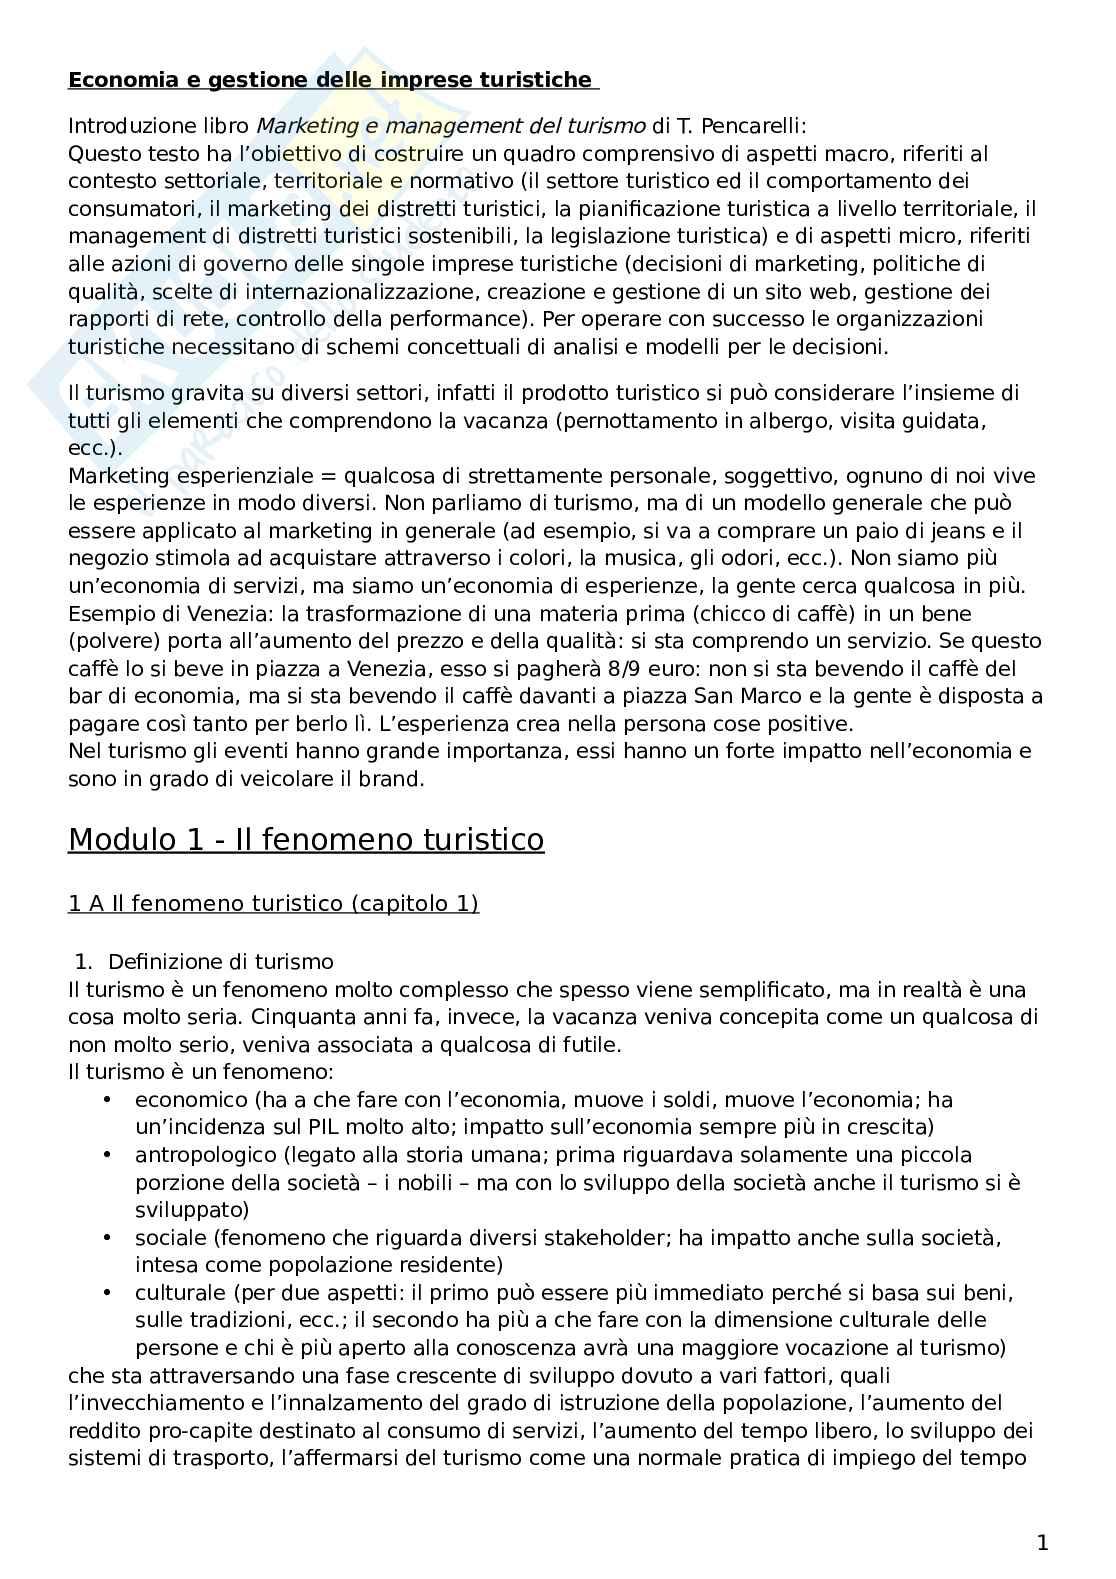 Riassunto esame Economia e gestione delle imprese turistiche, prof. Dini, libro consigliato: Marketing e management del turismo, Pencarelli